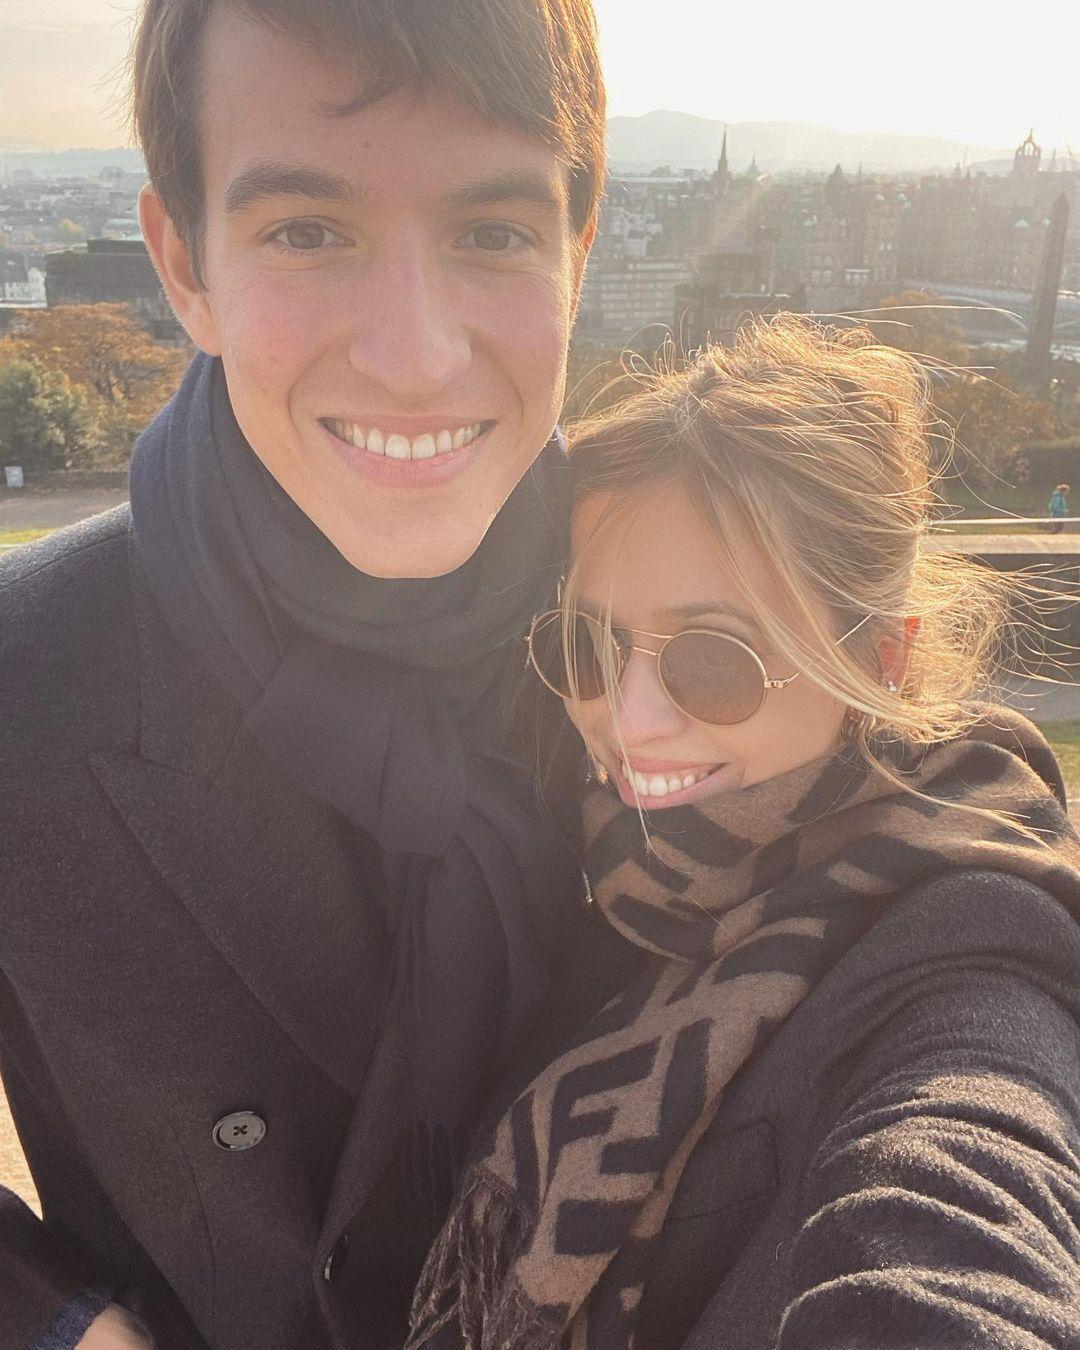 Александр Арно в 2020 году сделал предложение руки и сердца своей возлюбленной Жеральдин Гюйон